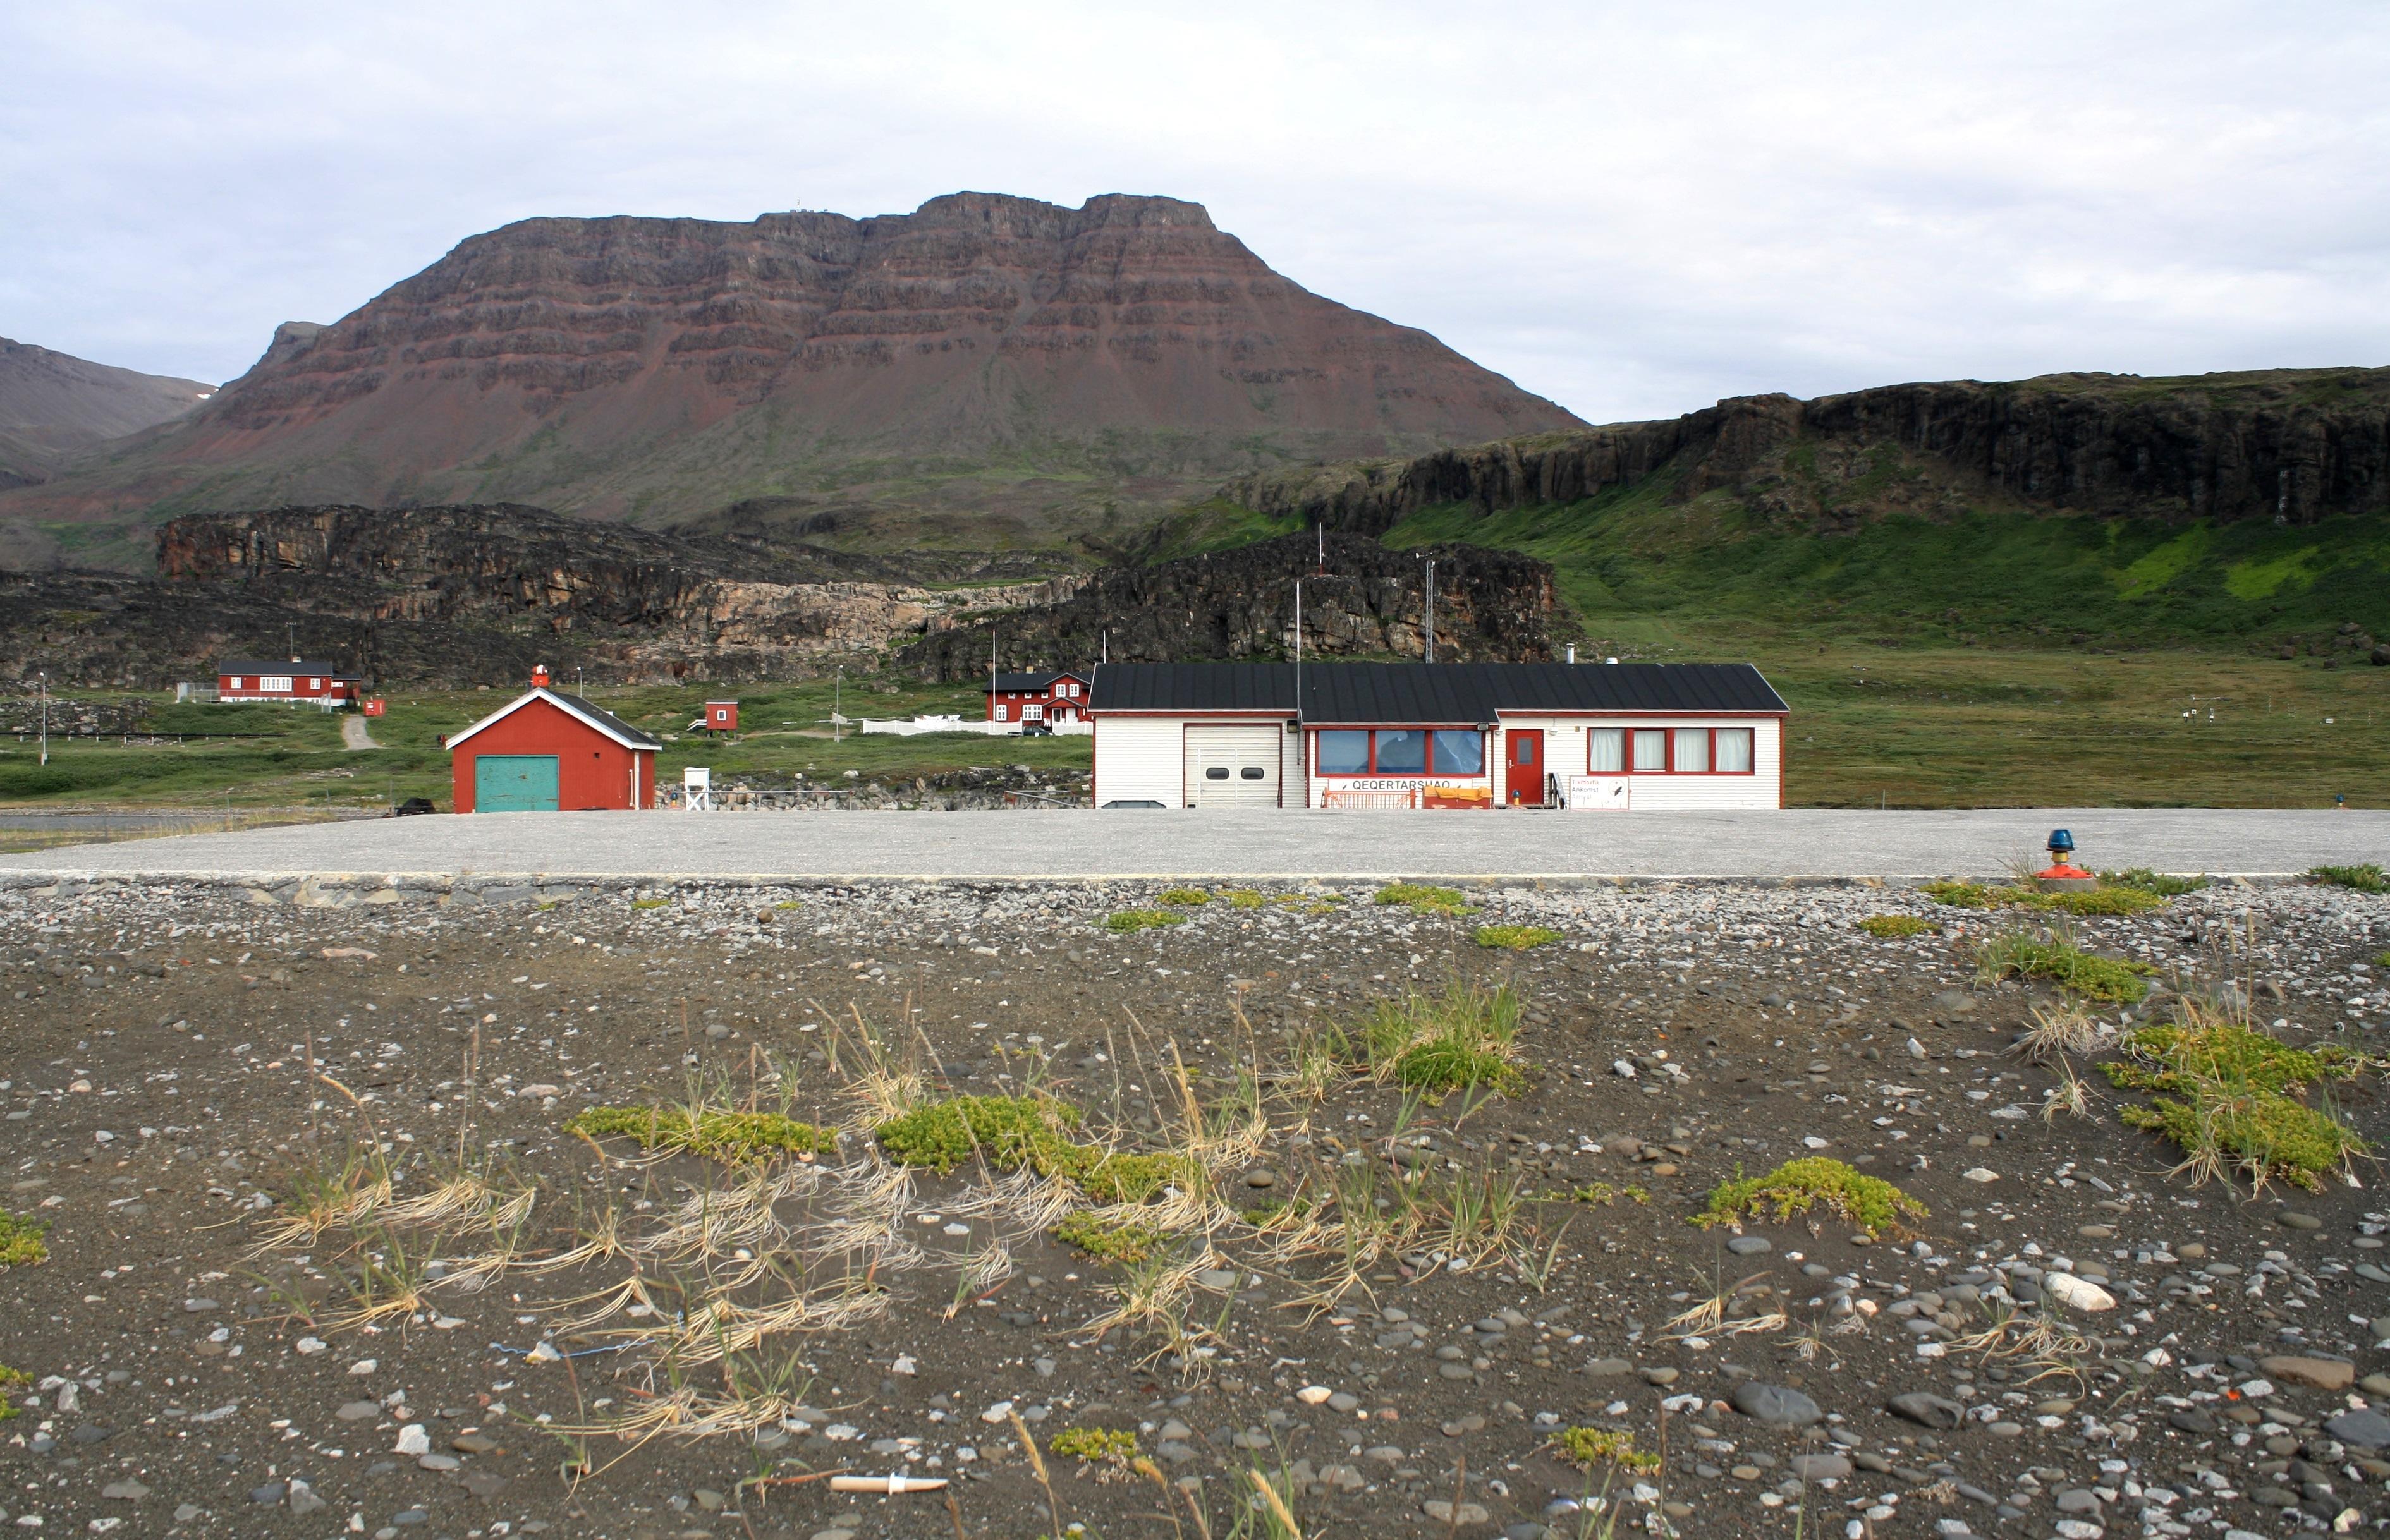 Heliporten i den grønlandske by Qeqertarsuaq, hvor der overvejes at anlægge en landingsbane. Foto: Dreizung